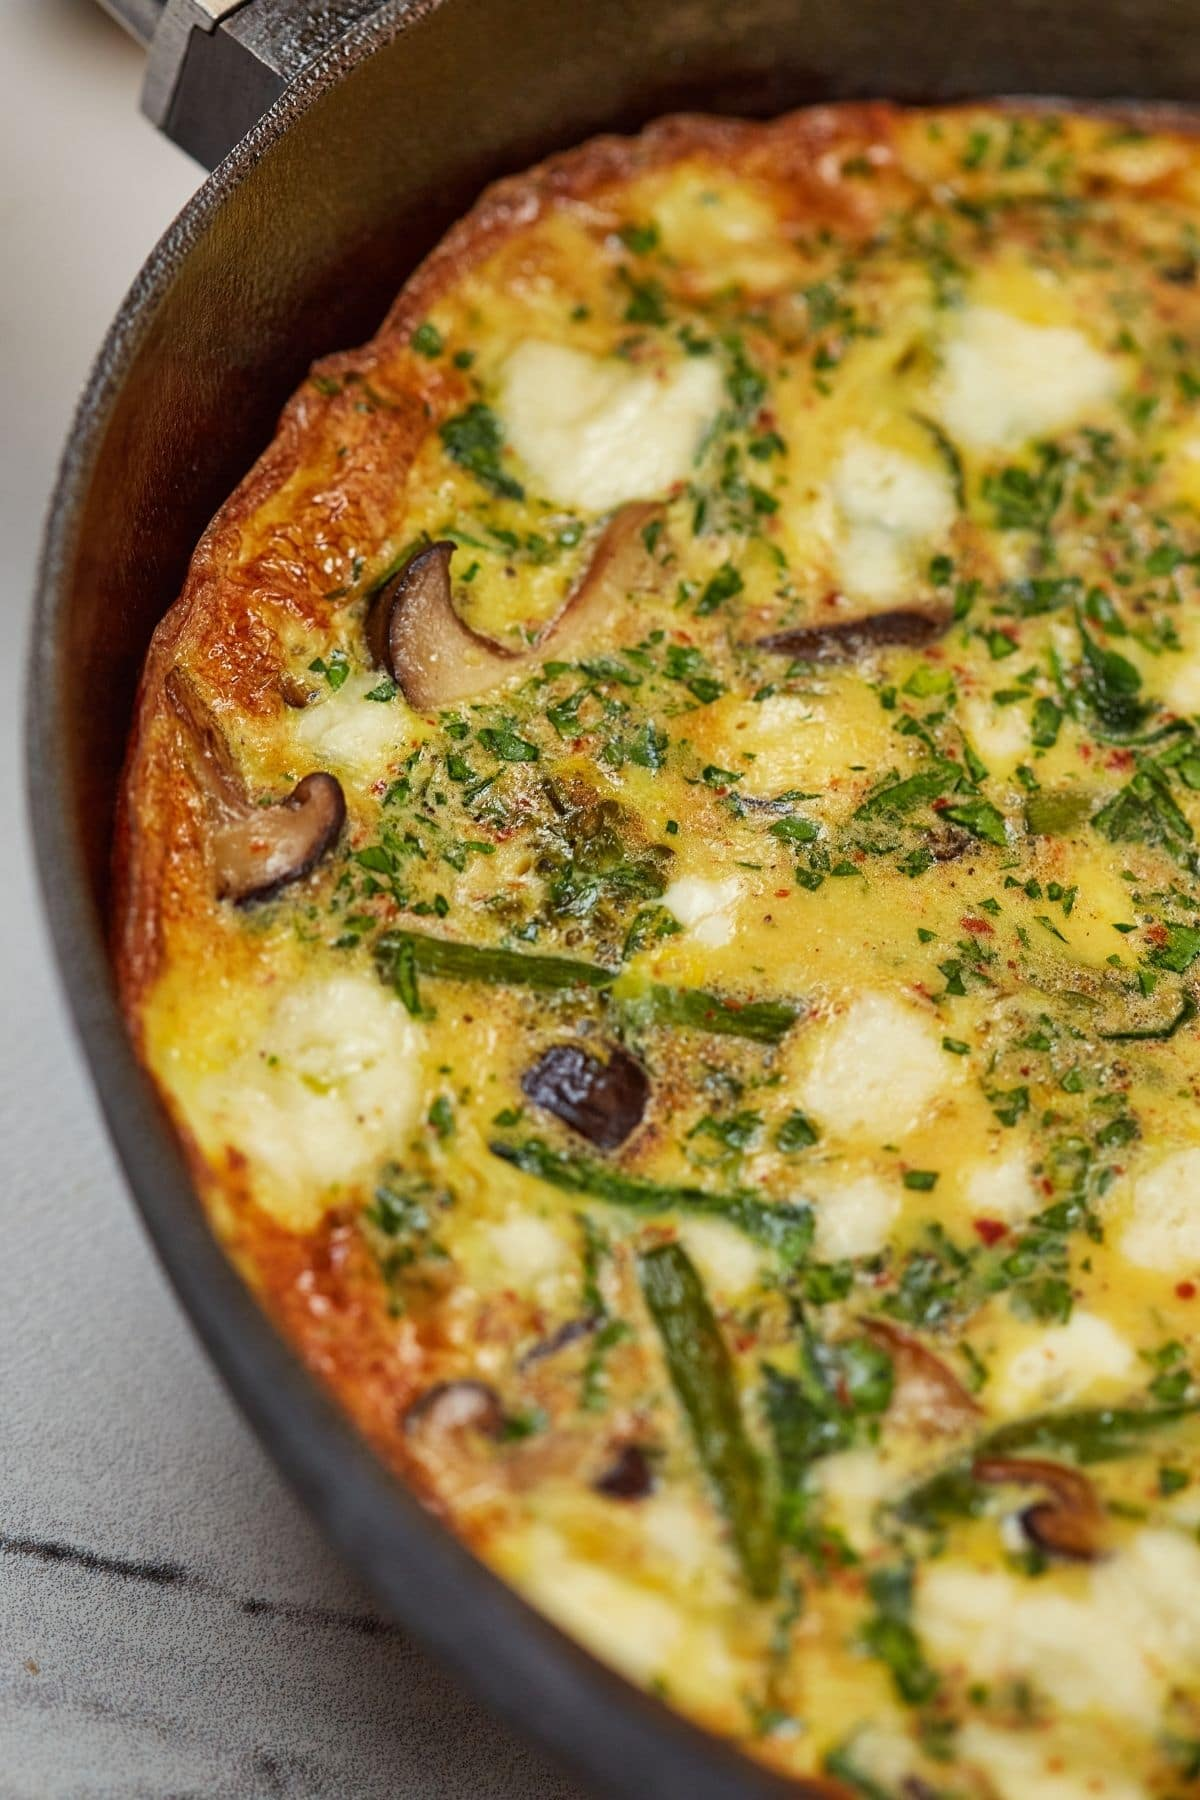 Vegetable frittata in skillet